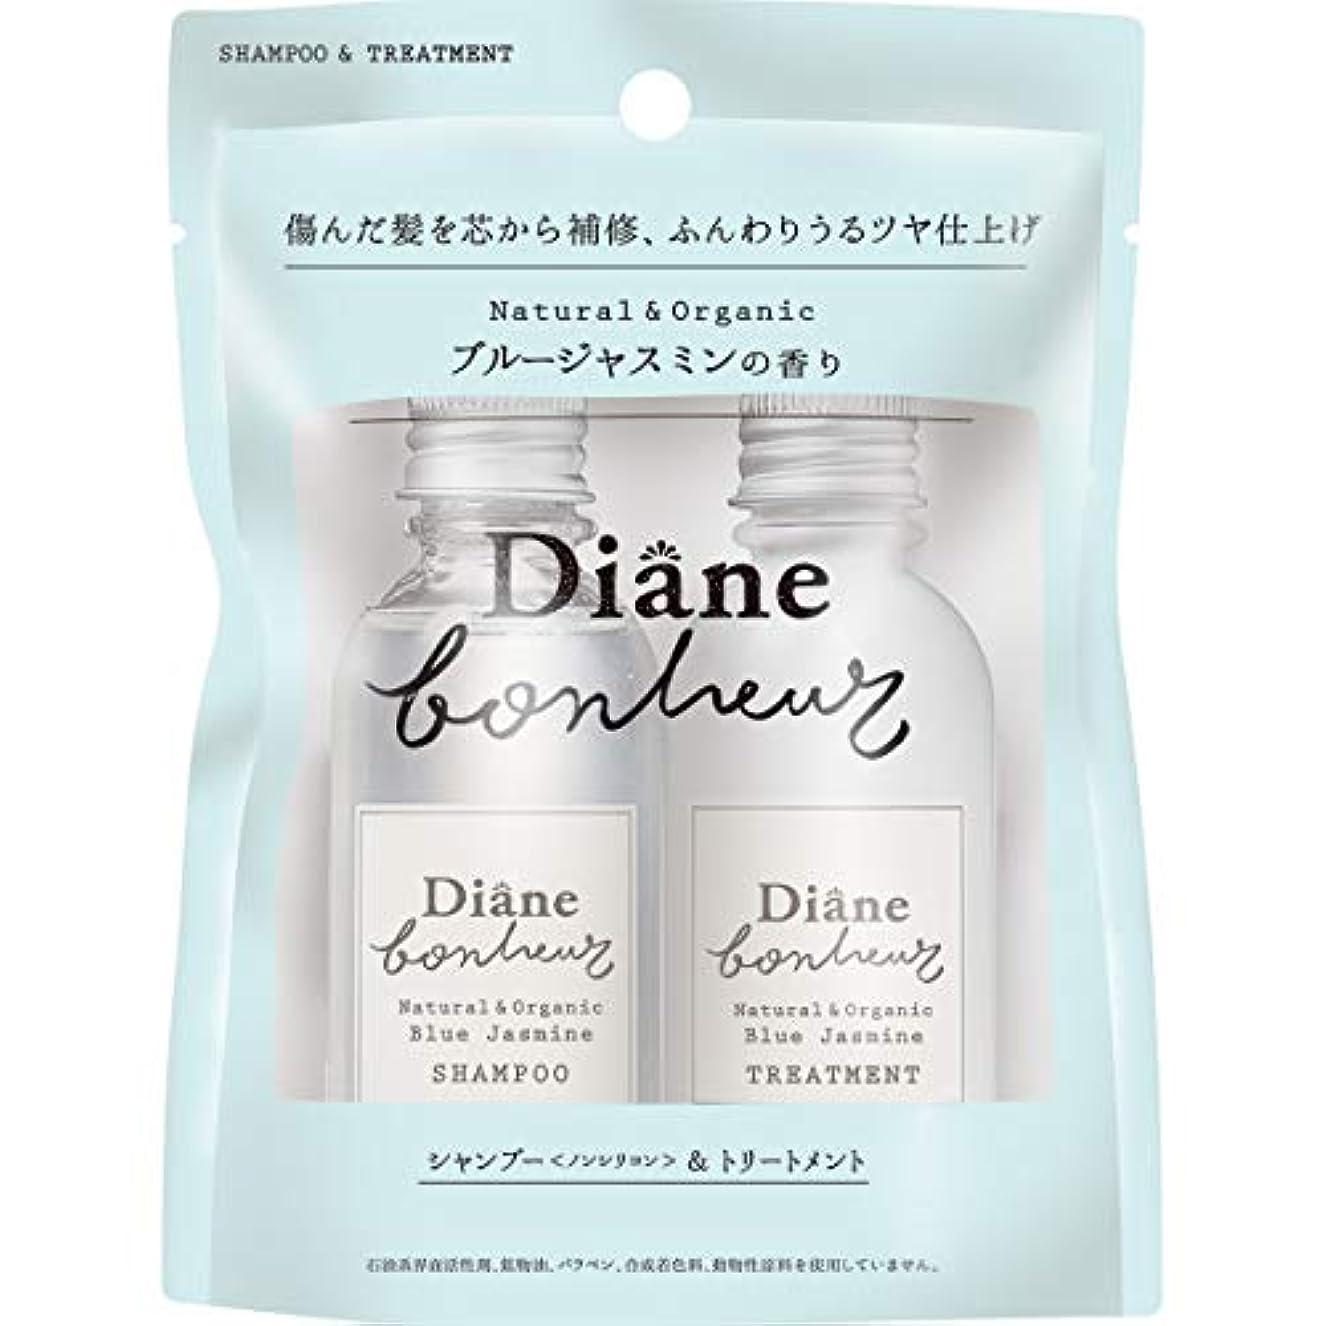 走る添加剤どういたしましてダイアン ボヌール ブルージャスミンの香り シャンプー&トリートメント トライアル ダメージリペア&シャイン 40ml×2